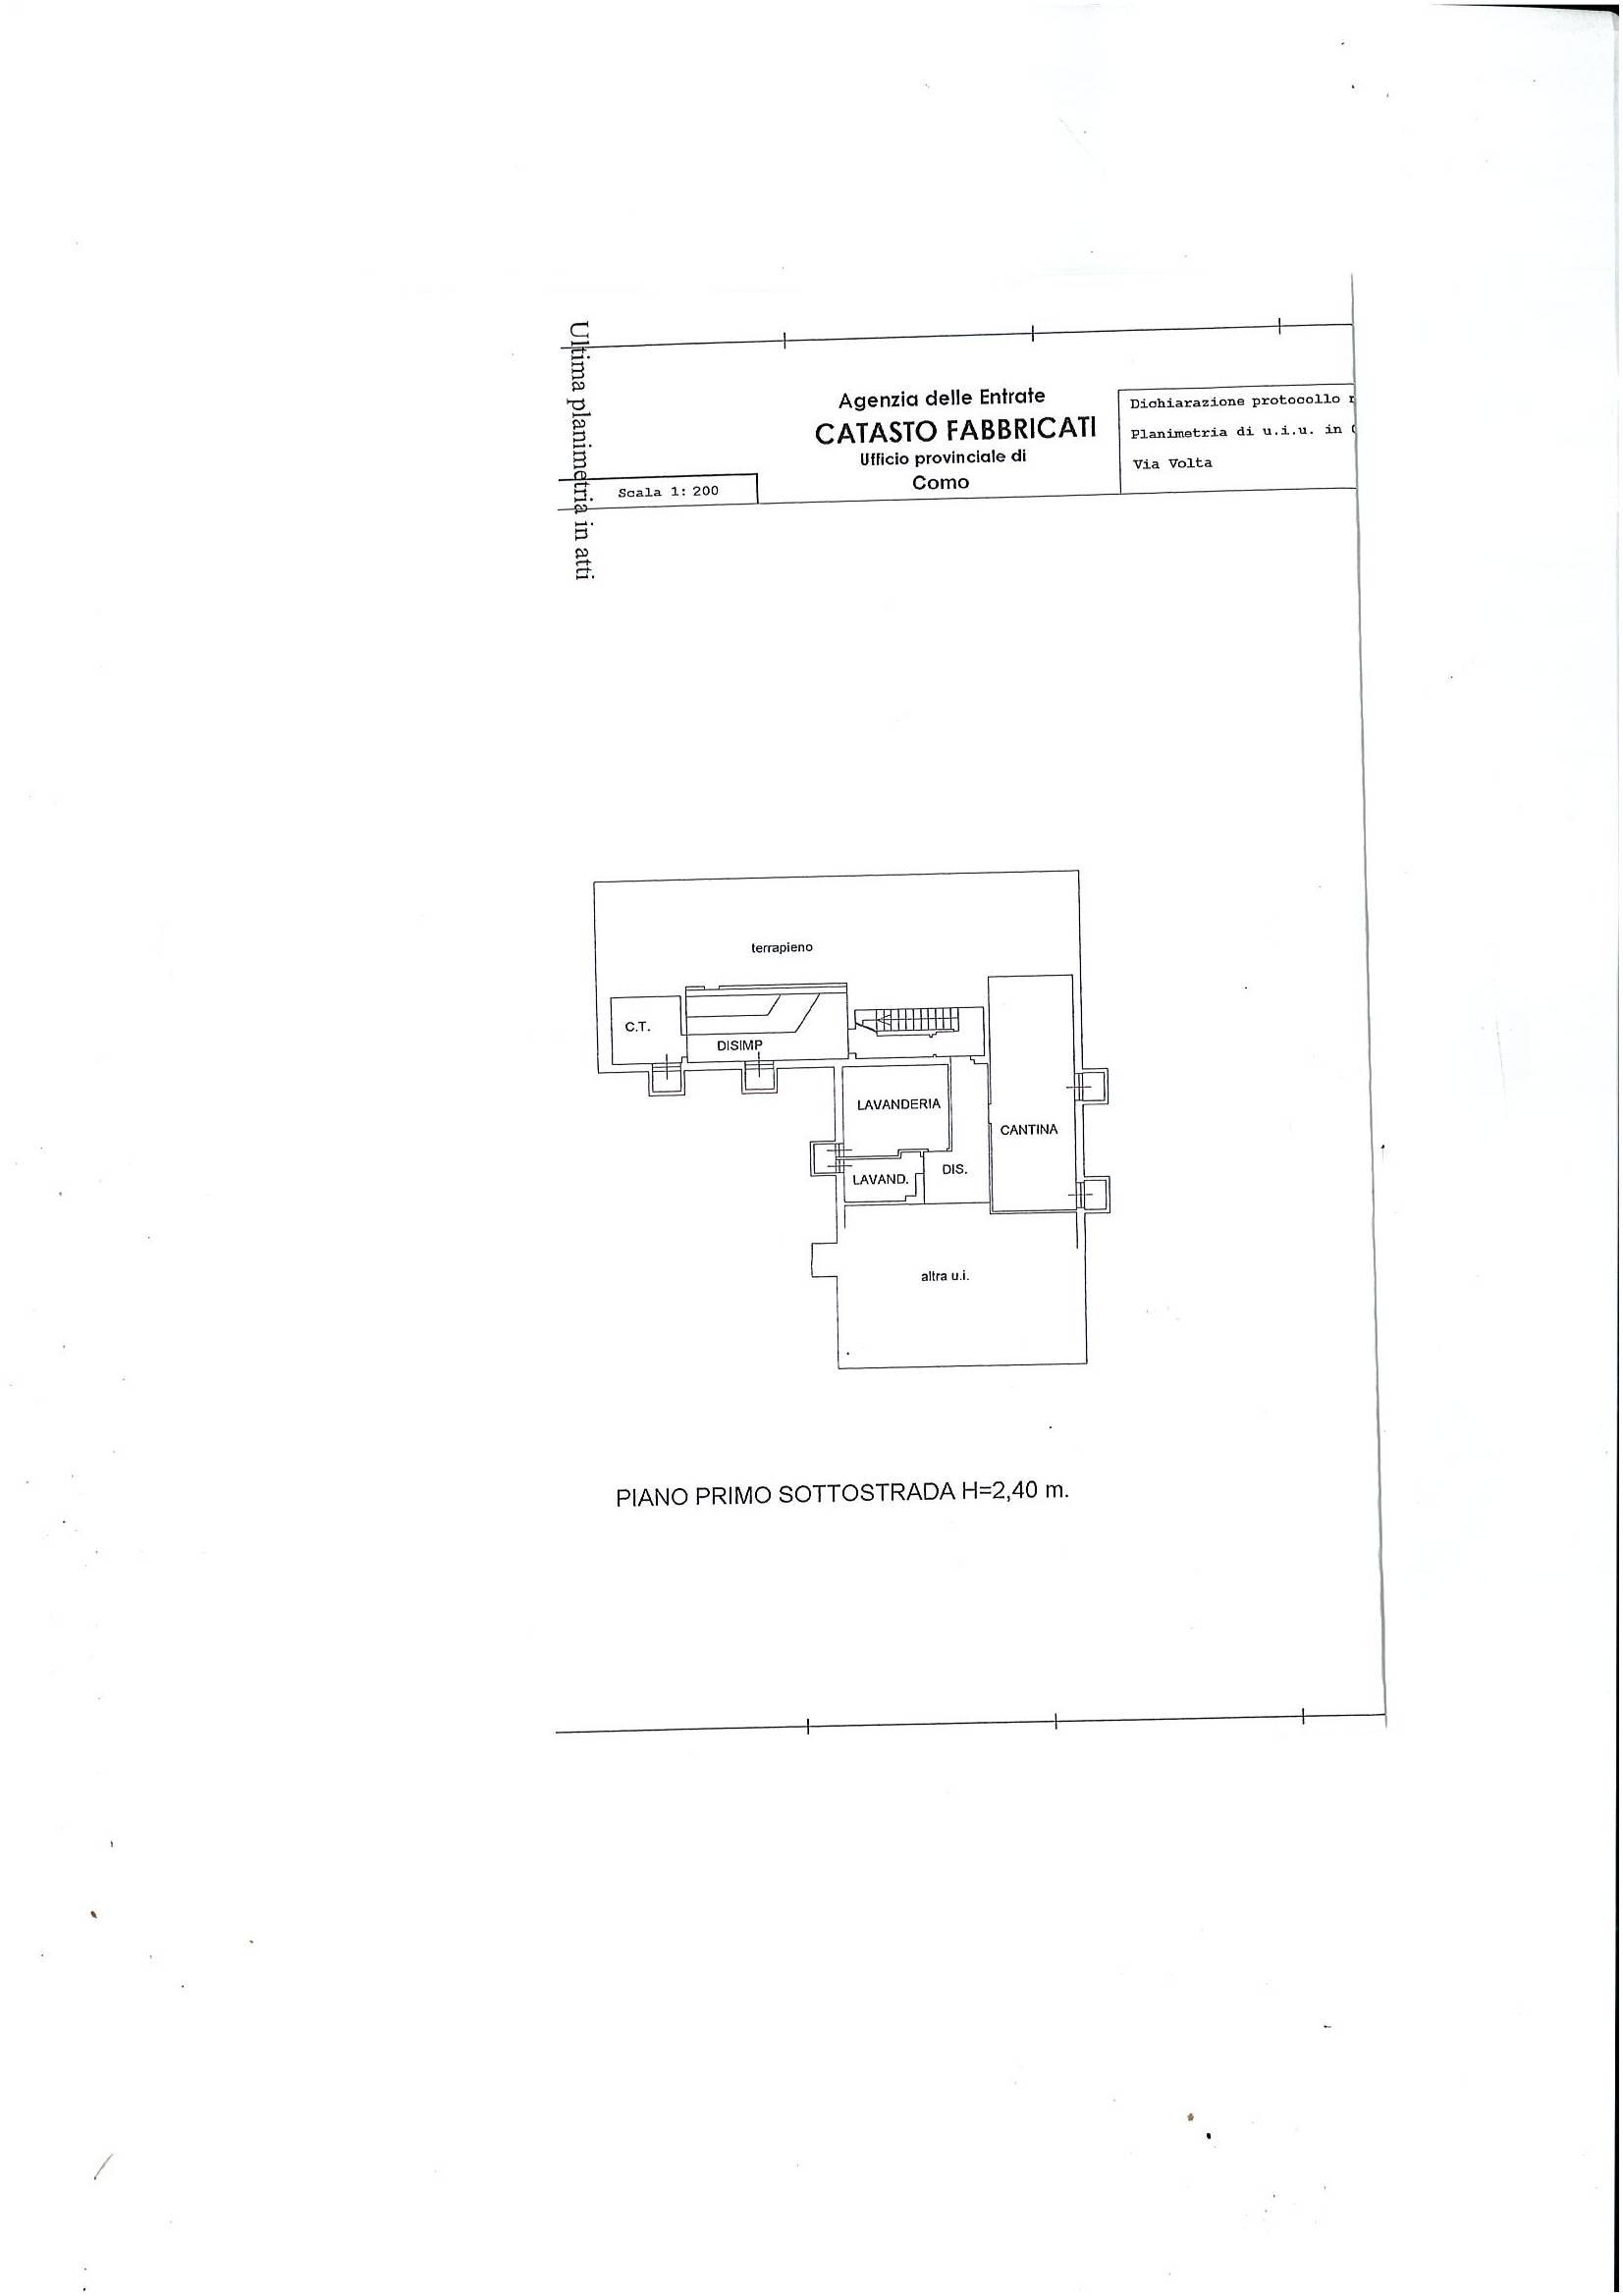 Planimetria piano primo sottostrada